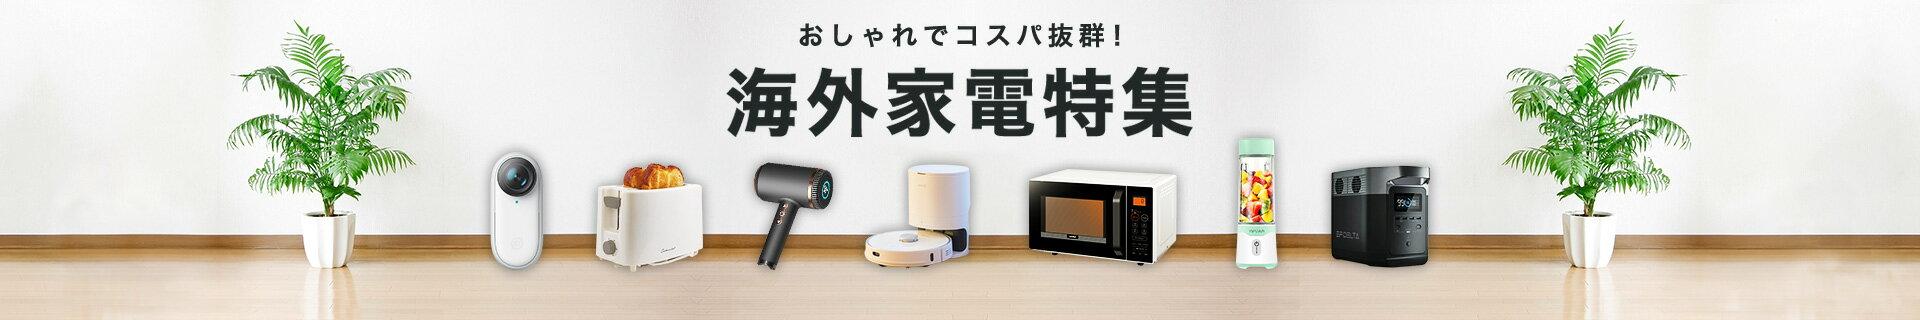 海外家電特集|おしゃれでコスパ抜群の海外家電。日本でも安心して使える人気海外家電をご紹介します!